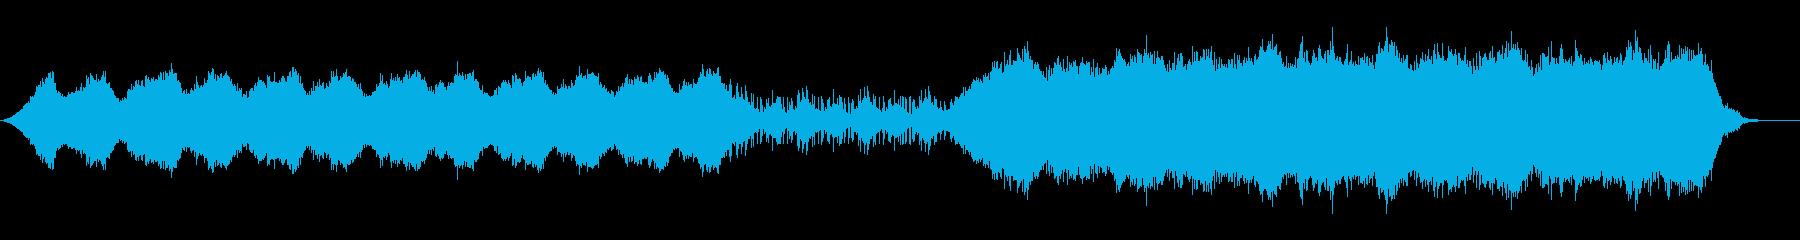 海底をイメージした壮大なコーラスの楽曲の再生済みの波形